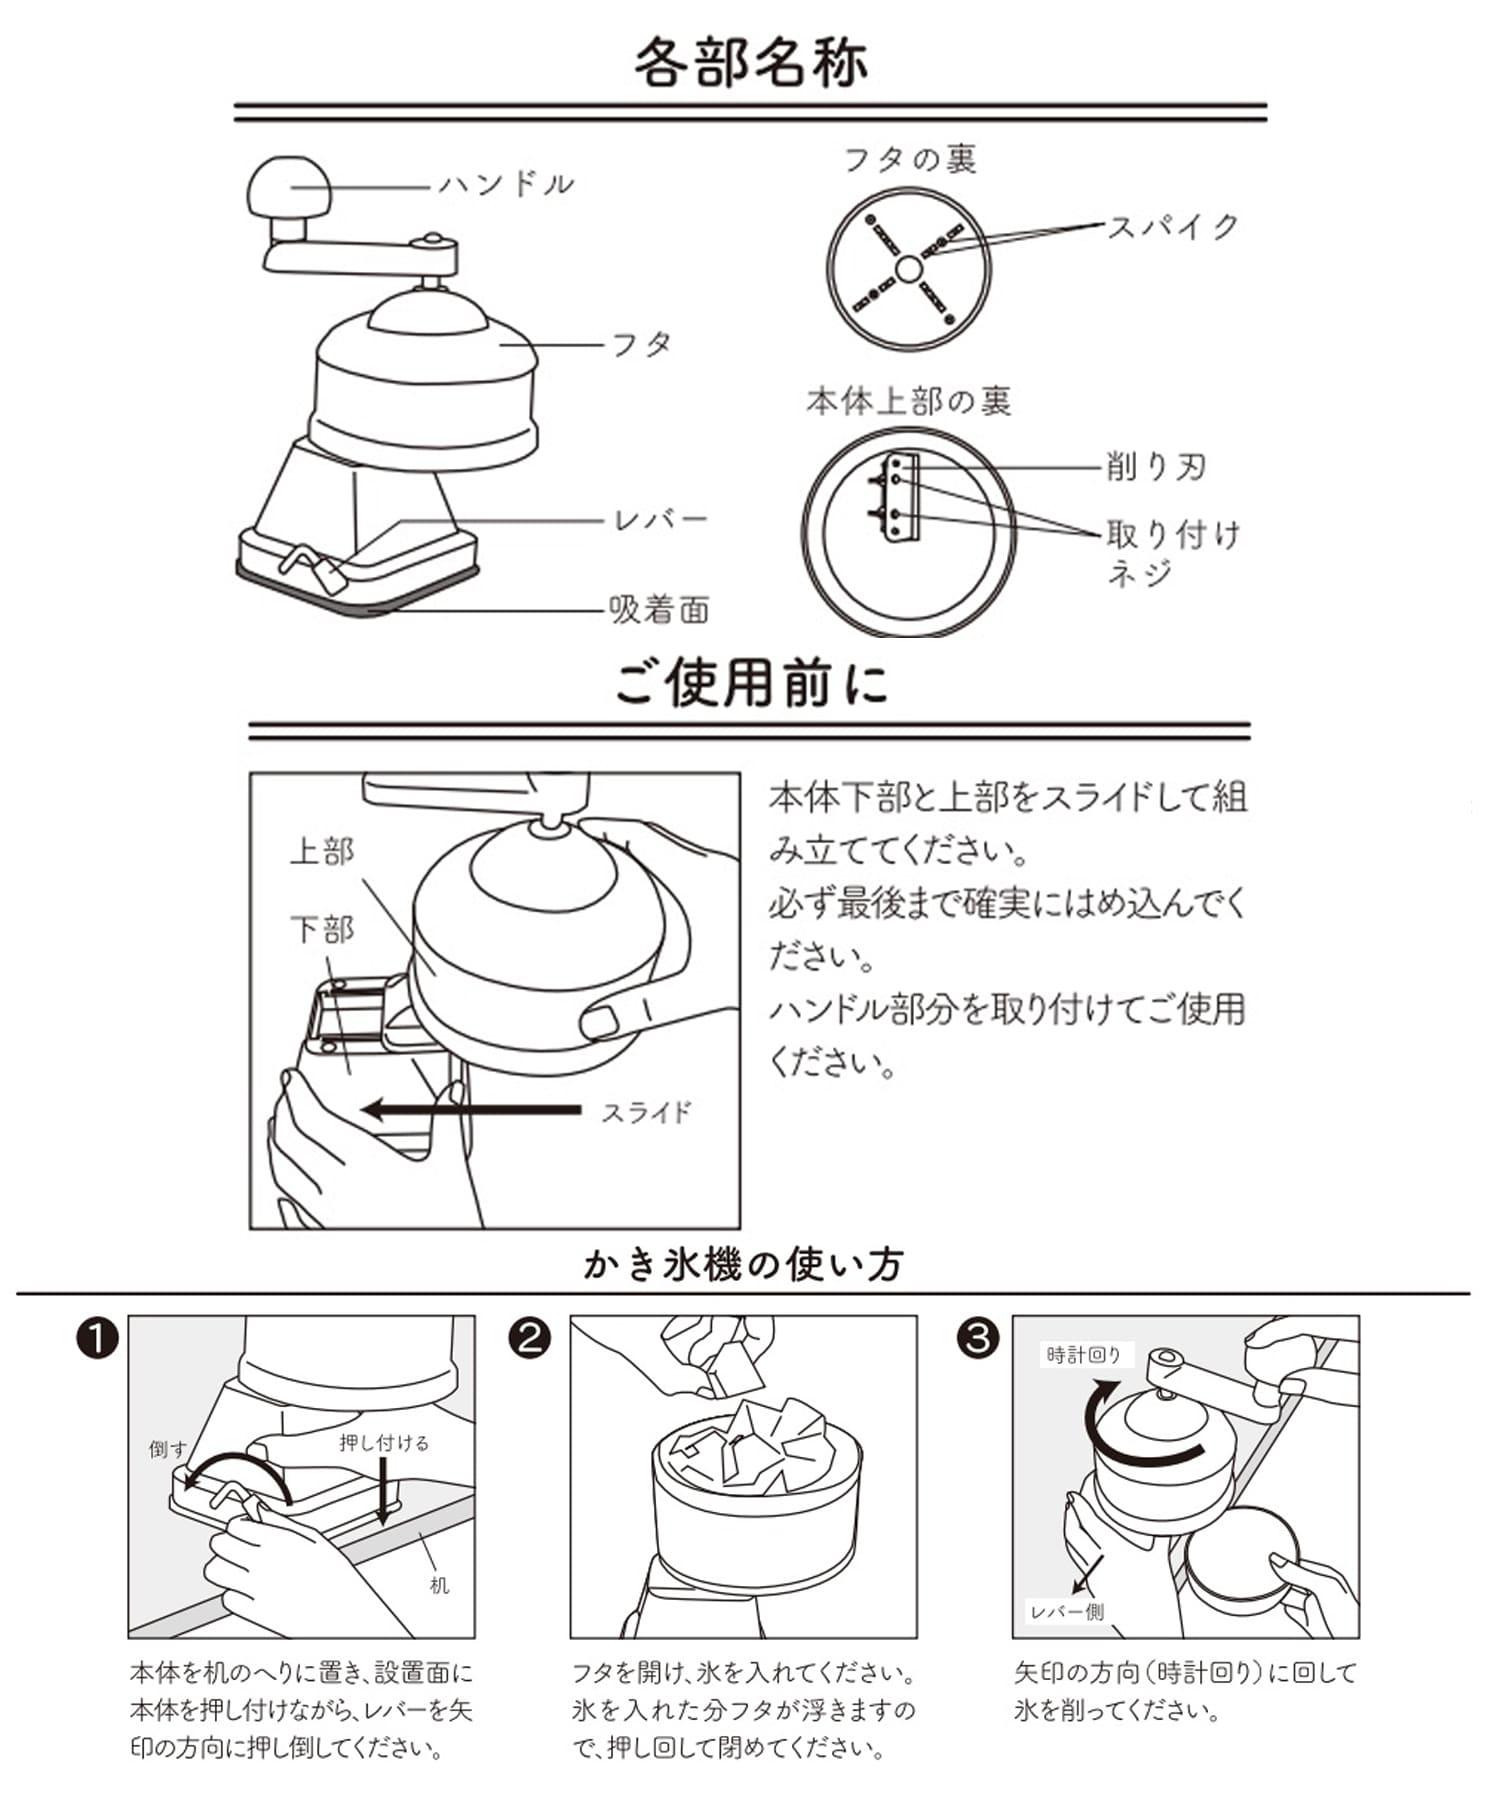 3COINS(スリーコインズ) 【季節を楽しむおうちカフェ】かき氷機